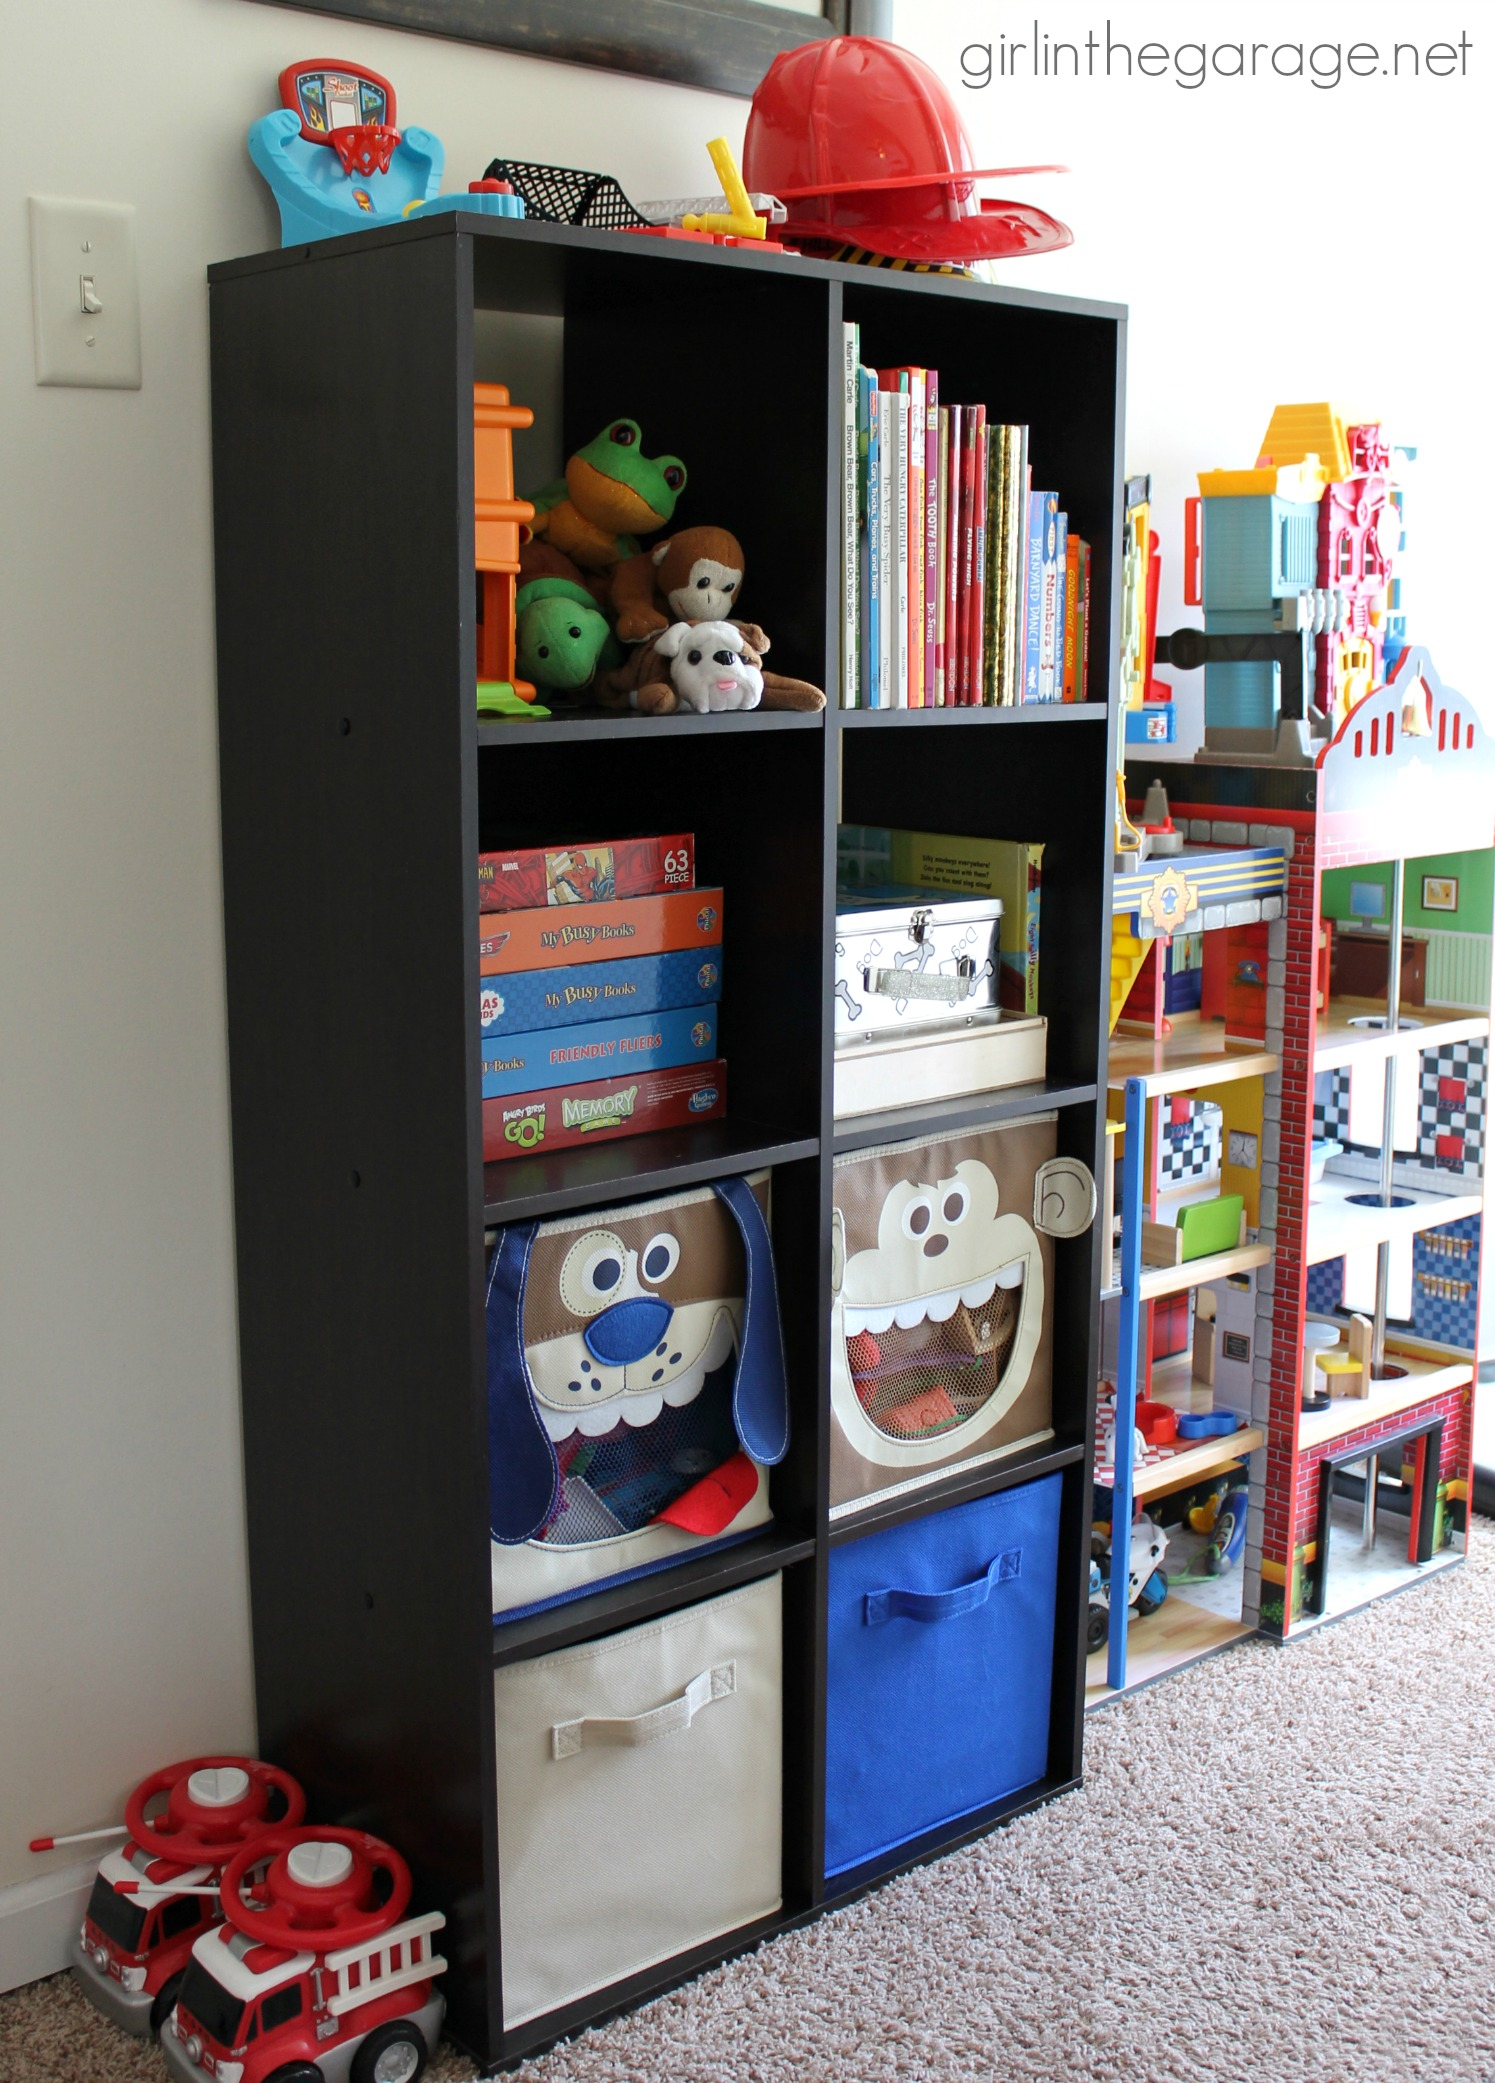 Kidsu0027 Storage And Organization Ideas   Girlinthegarage.net